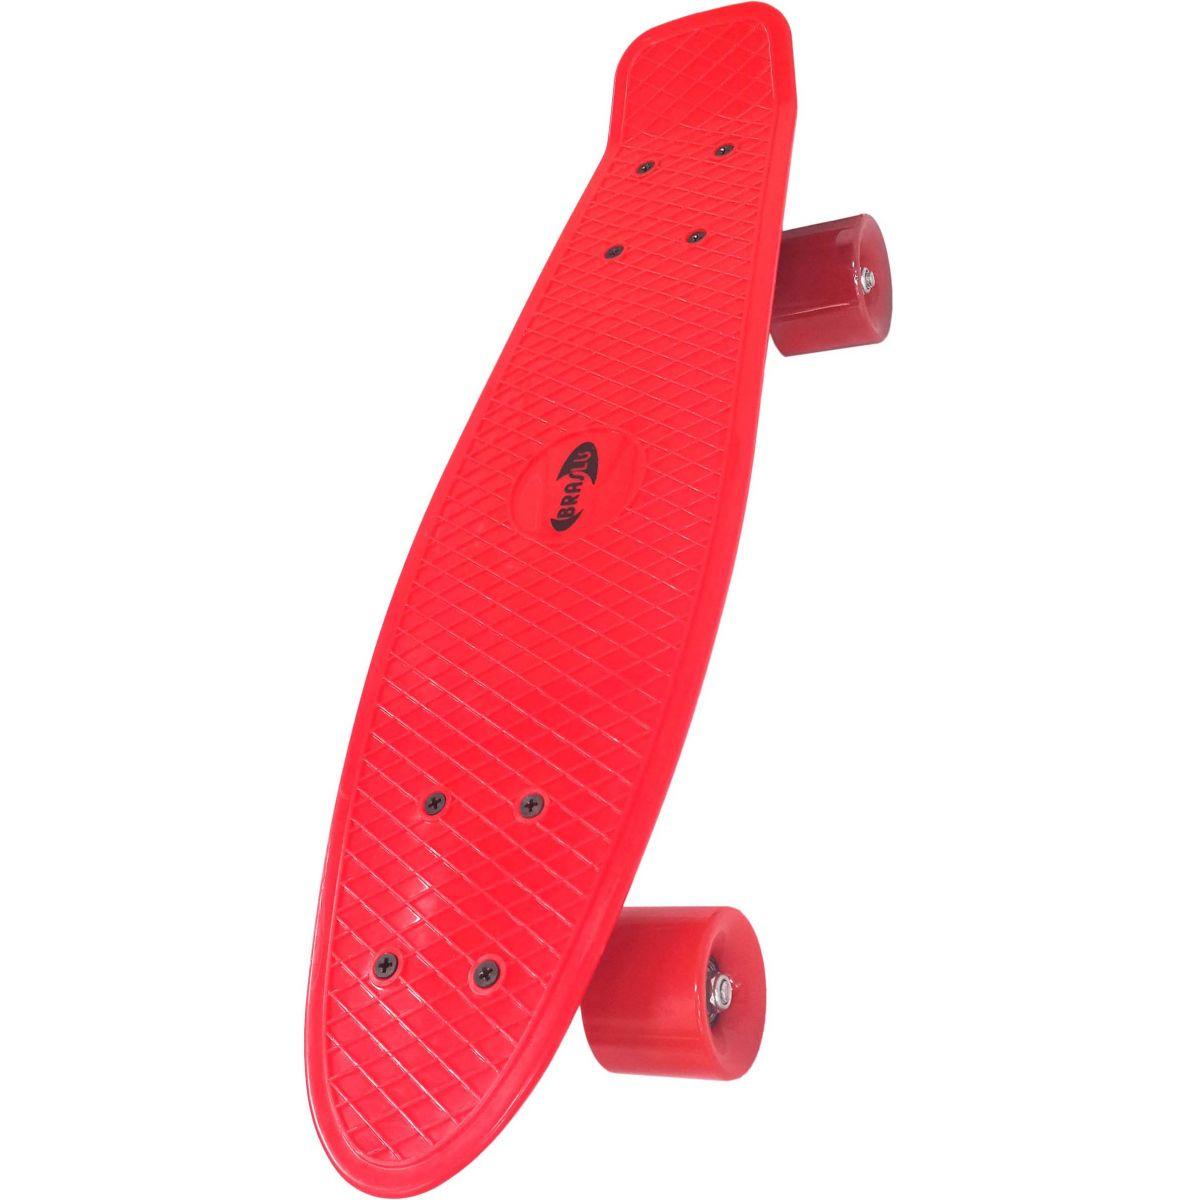 Mini Skate Profissional Com Truck Blindado Rodas Shape Abec 7 Cor Vermelho (SKT-2)